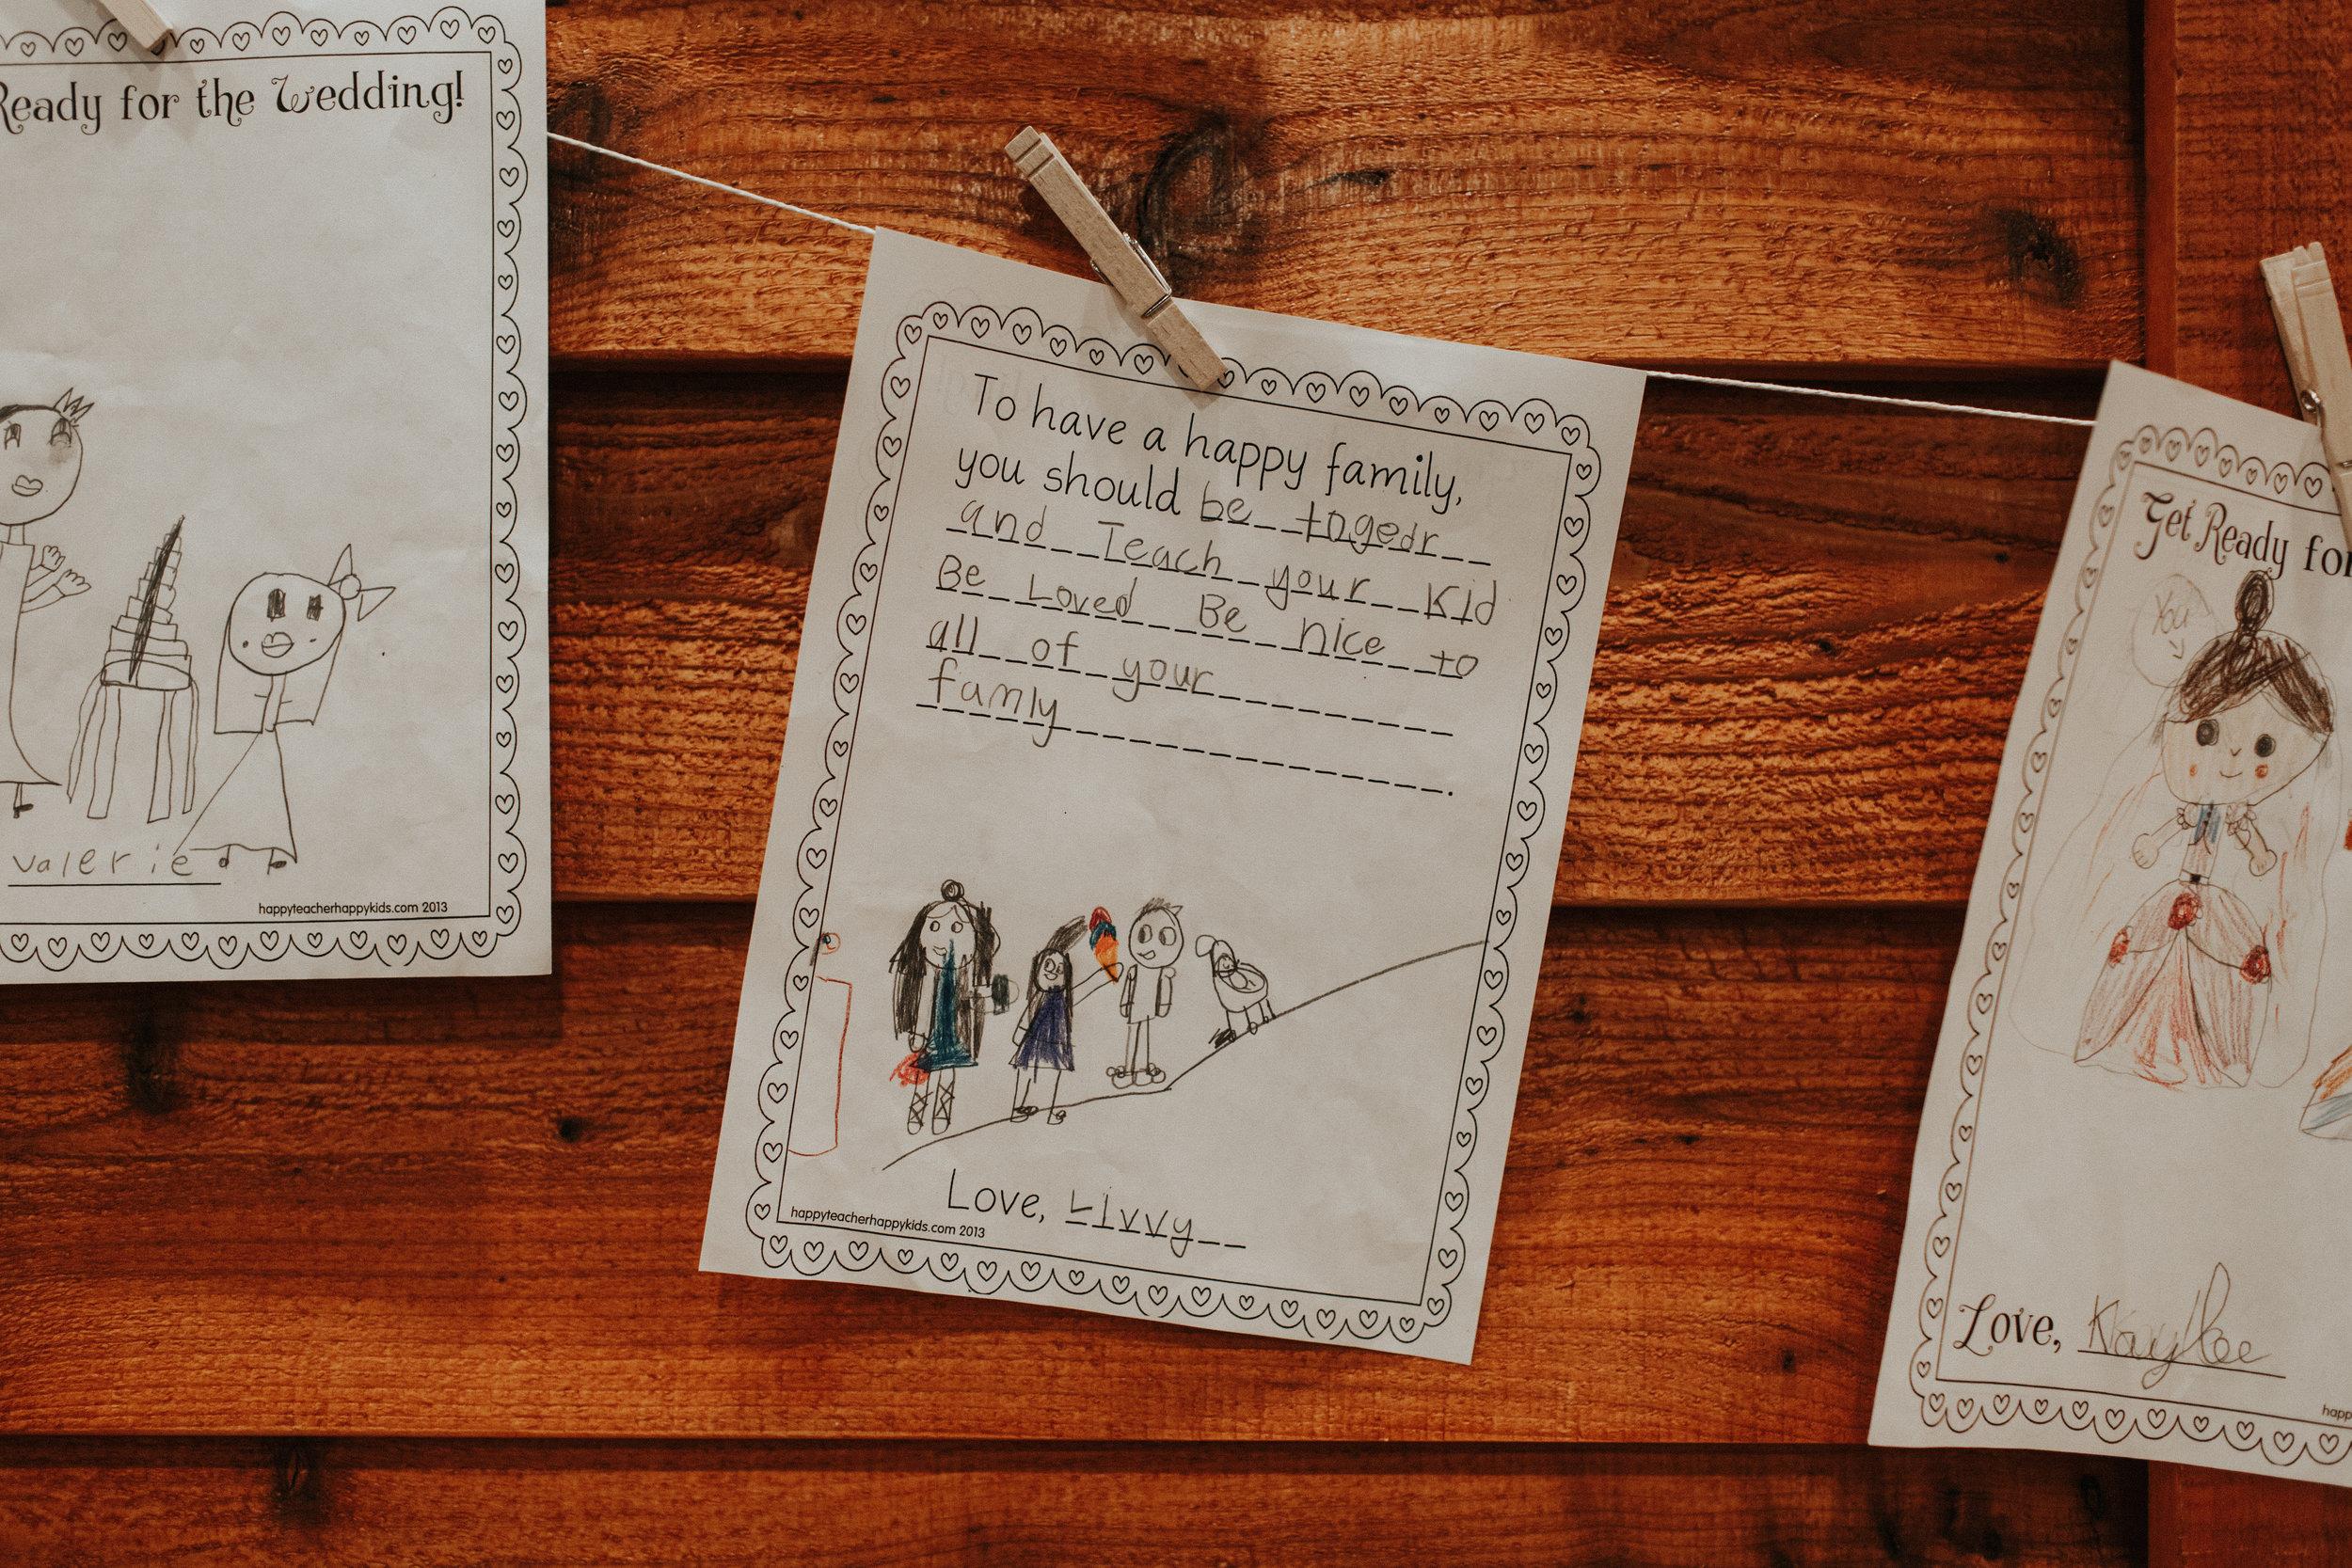 ginapaulson-courtnyandryan-wedding-536.jpg